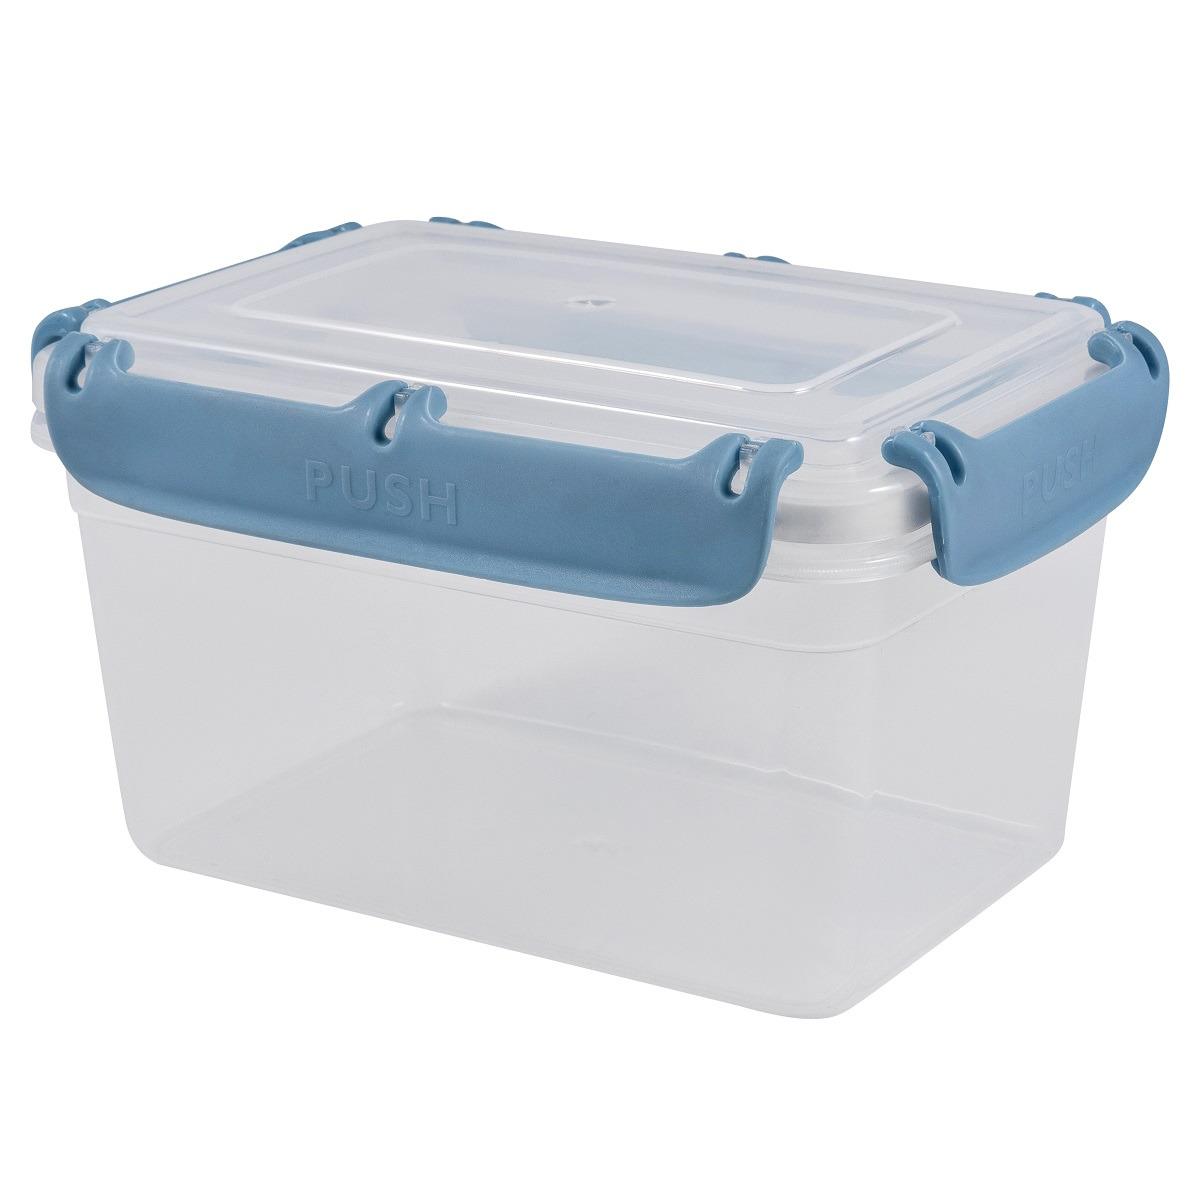 Контейнер пищевой Plast Team Bergen, с защелками, PT1044-10, туманно-голубой, 1,3 л контейнер пищевой plast team цвет голубой прозрачный 0 6 л